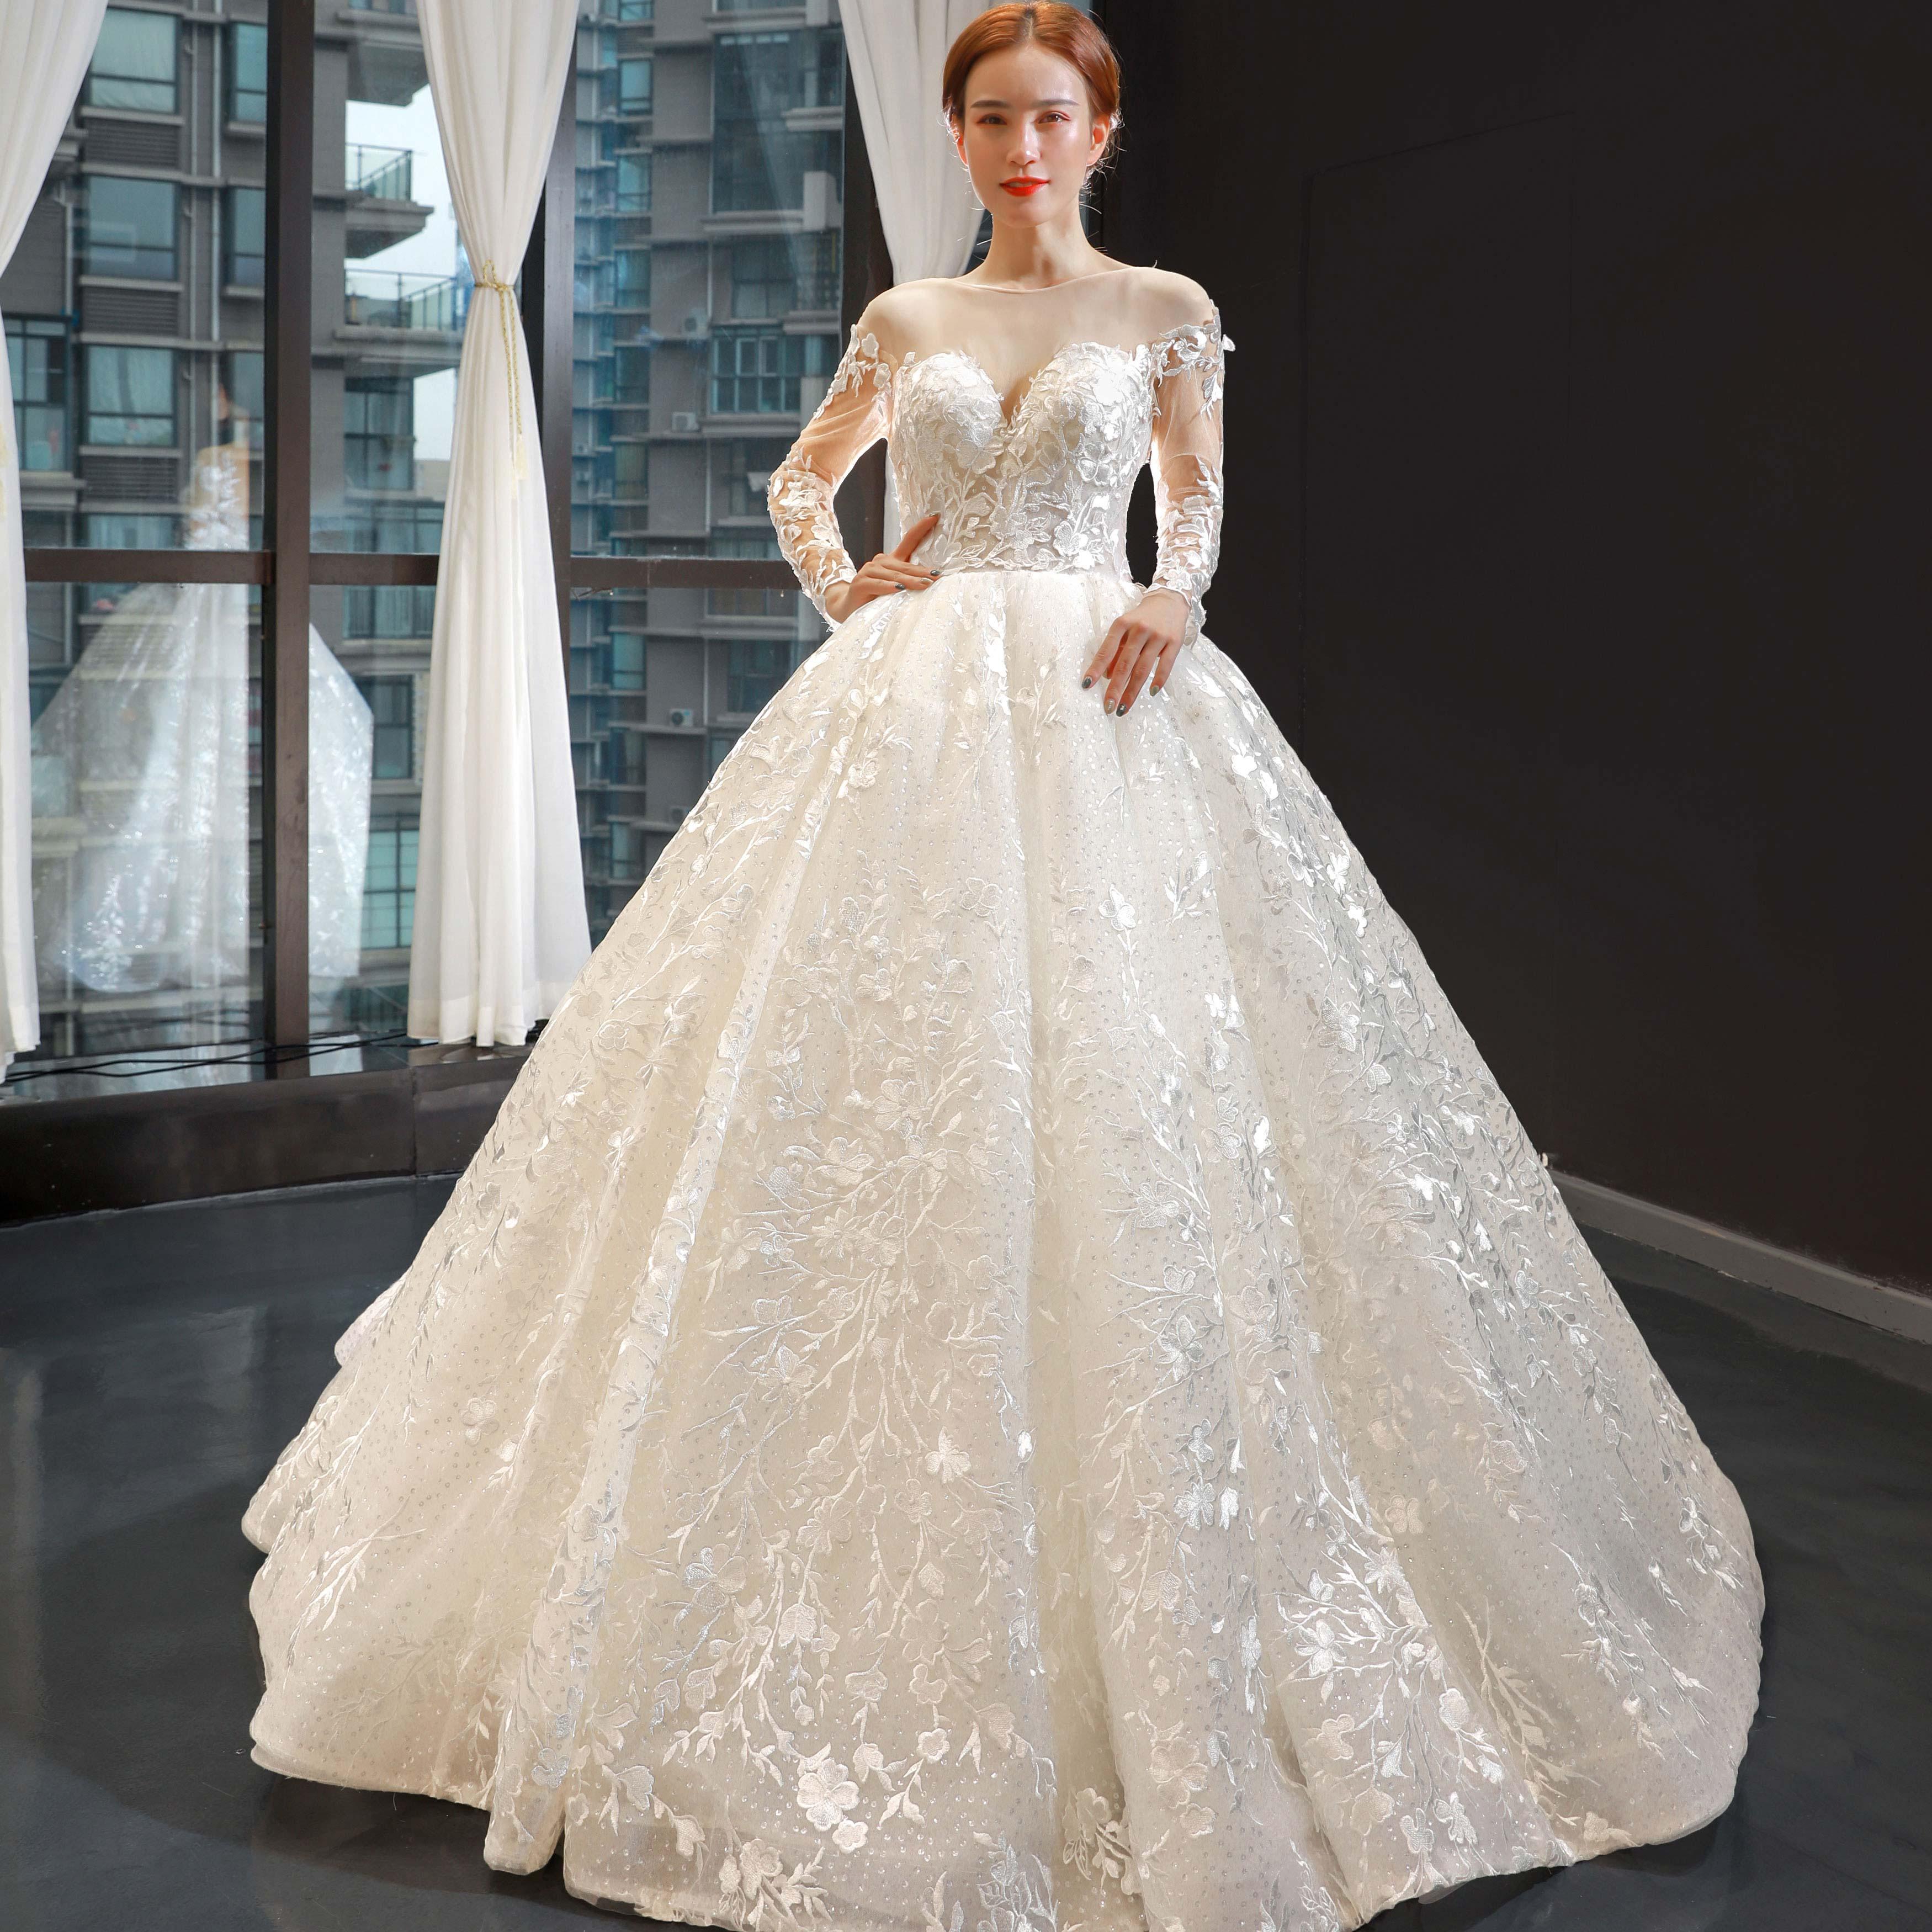 Großhandel russian brides Kaufen Sie die besten russian brides